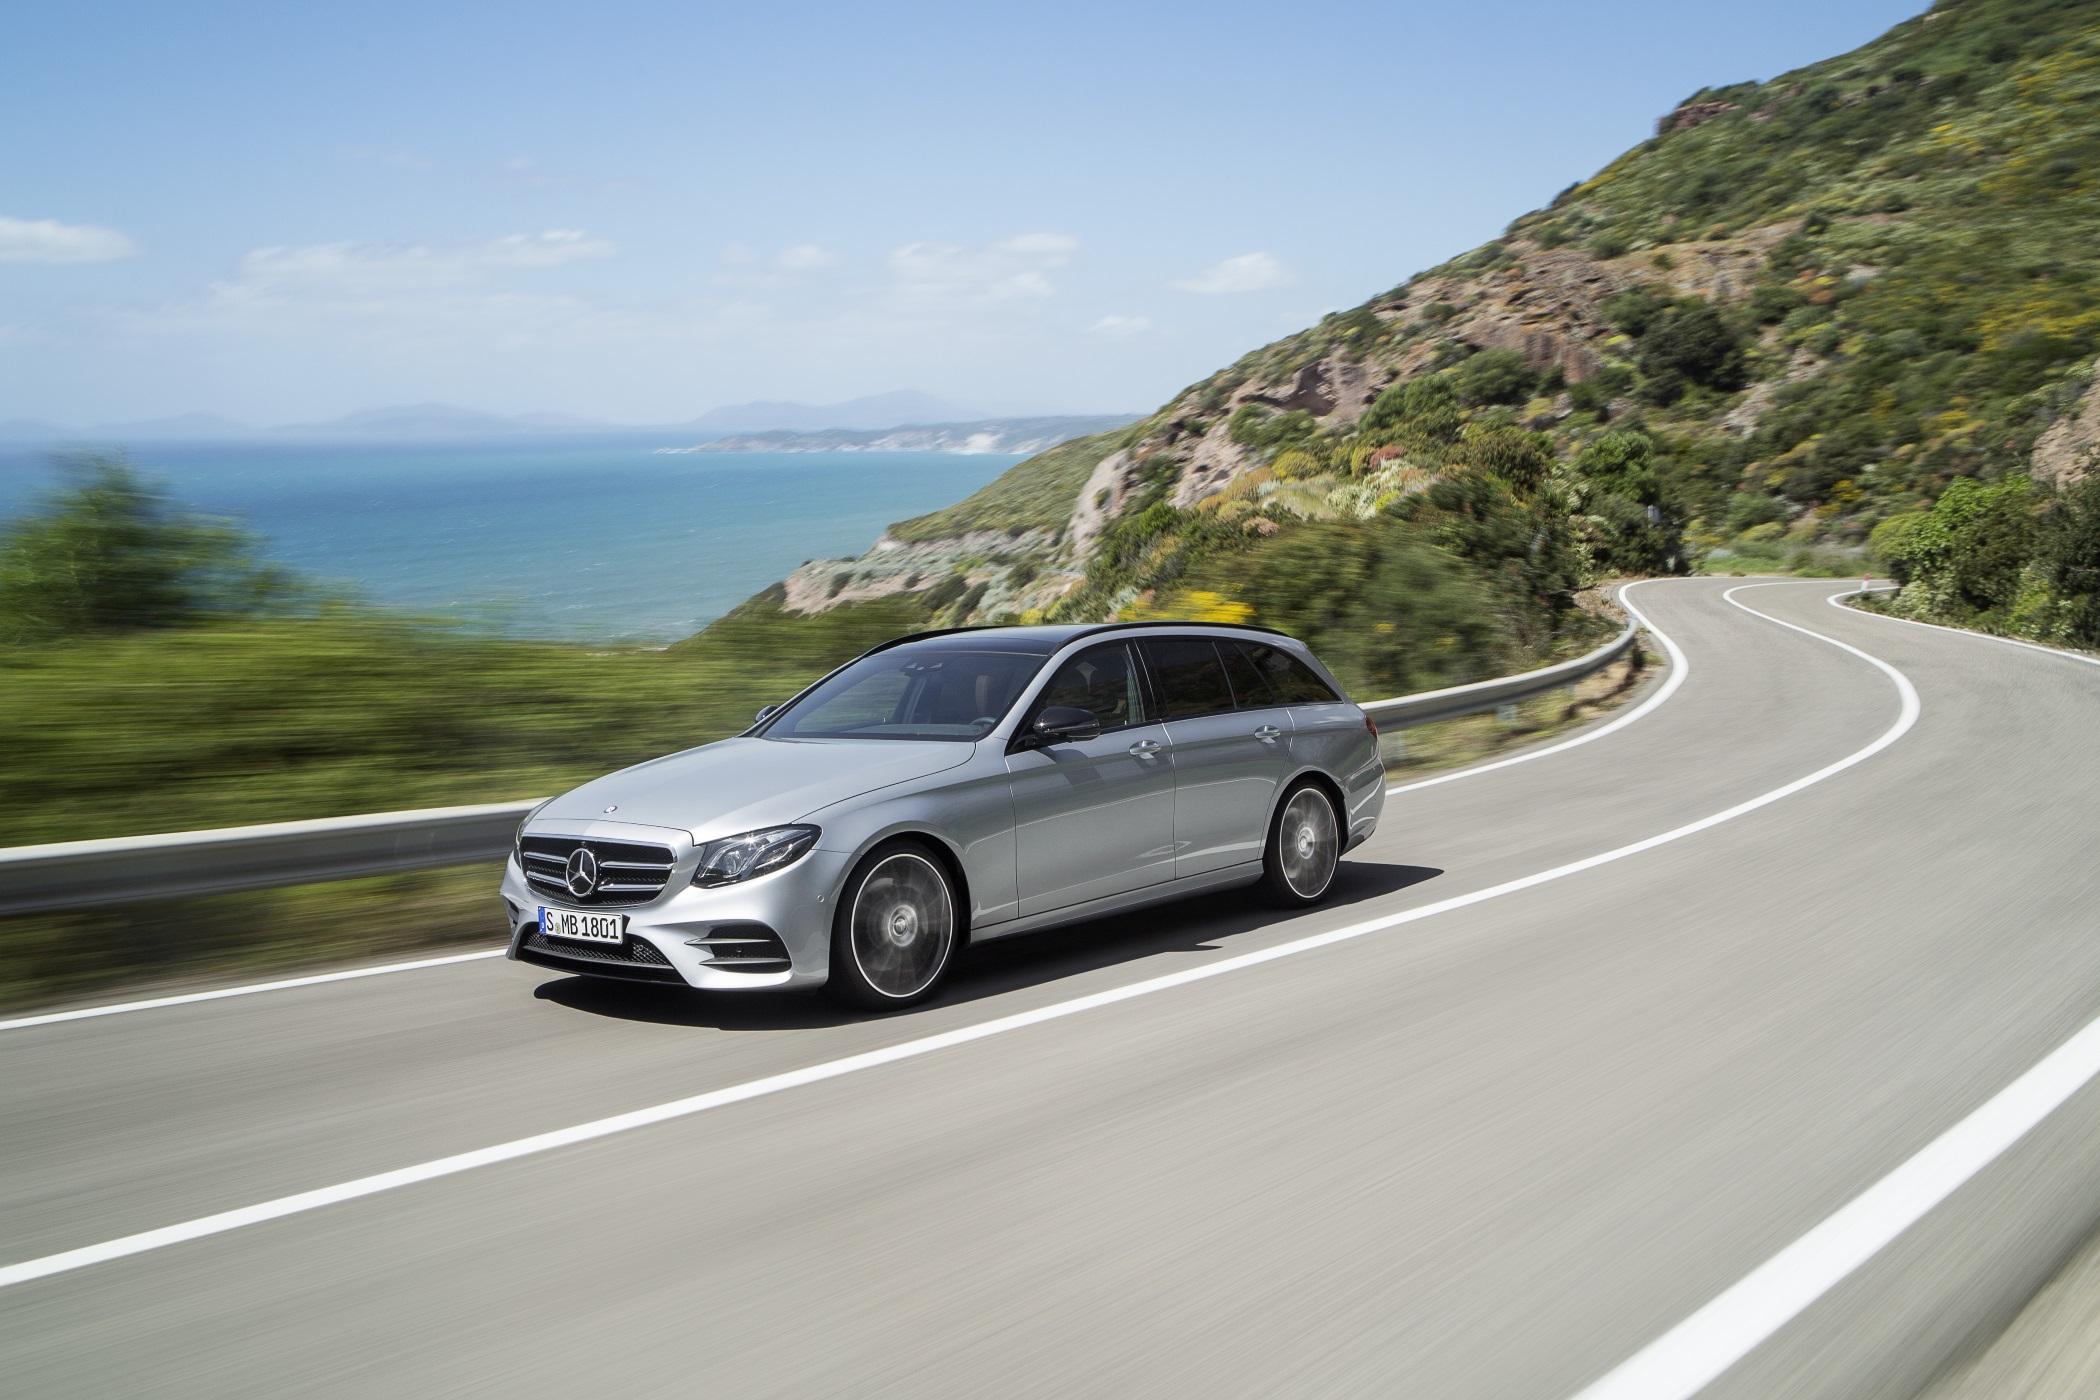 Wie schon die Limousine ist auch die Variante mit großer Klappe in Sachen Assistenz- und Komfortsysteme auf dem allerneusten Stand und kann unter anderem teilautonom fahren